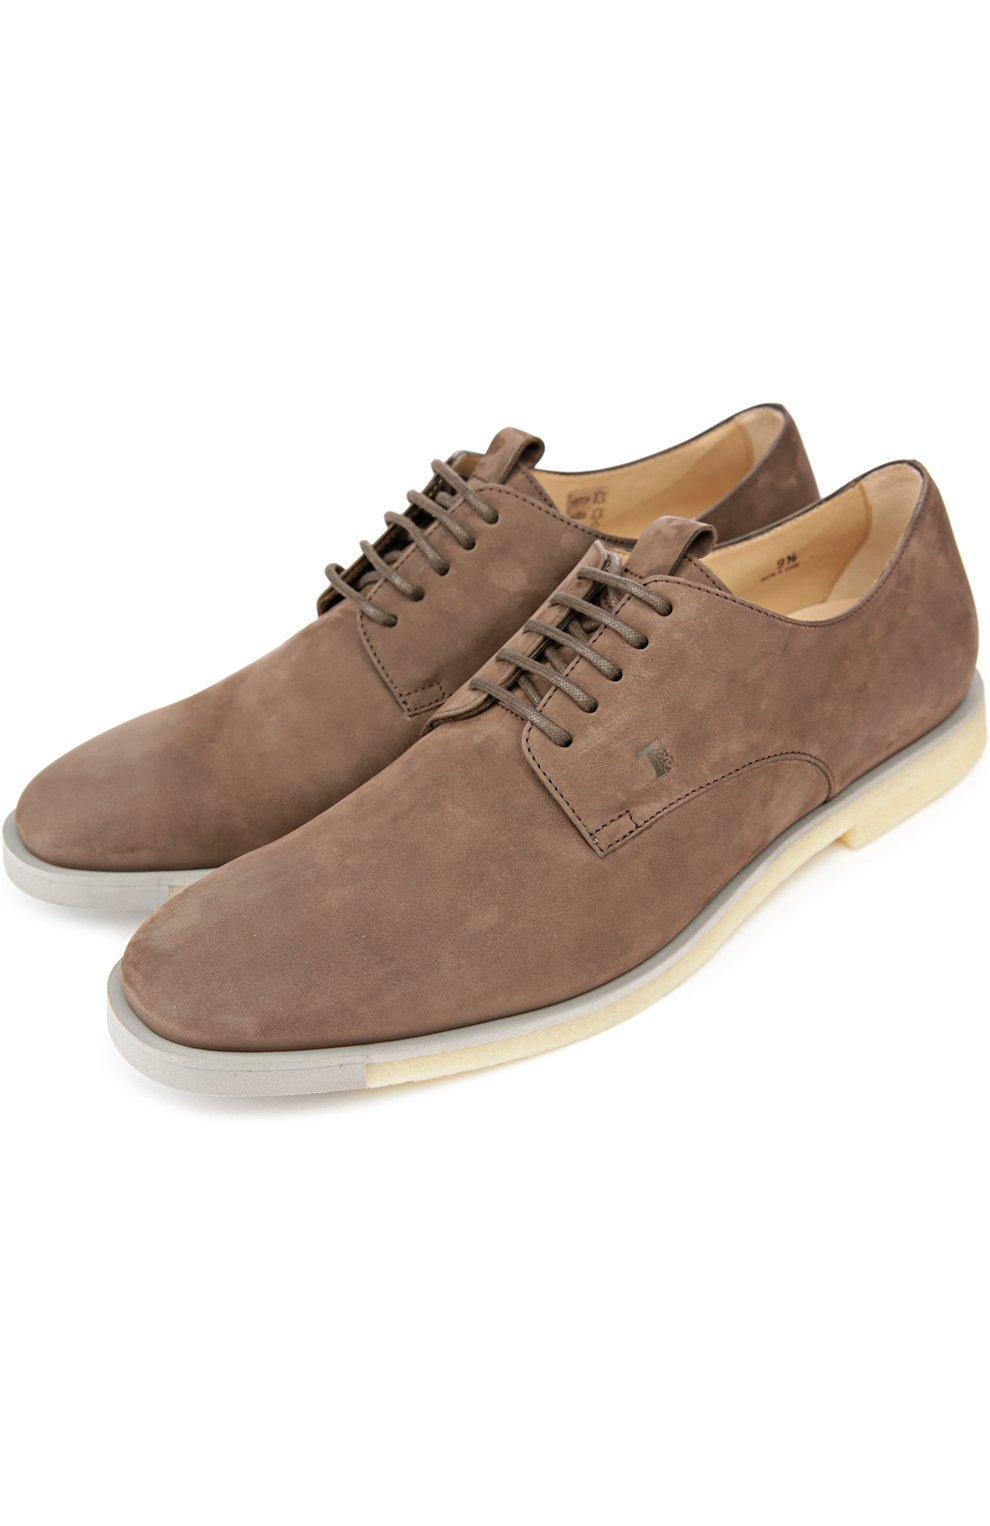 Туфли Tod's коричневые   Фото №2